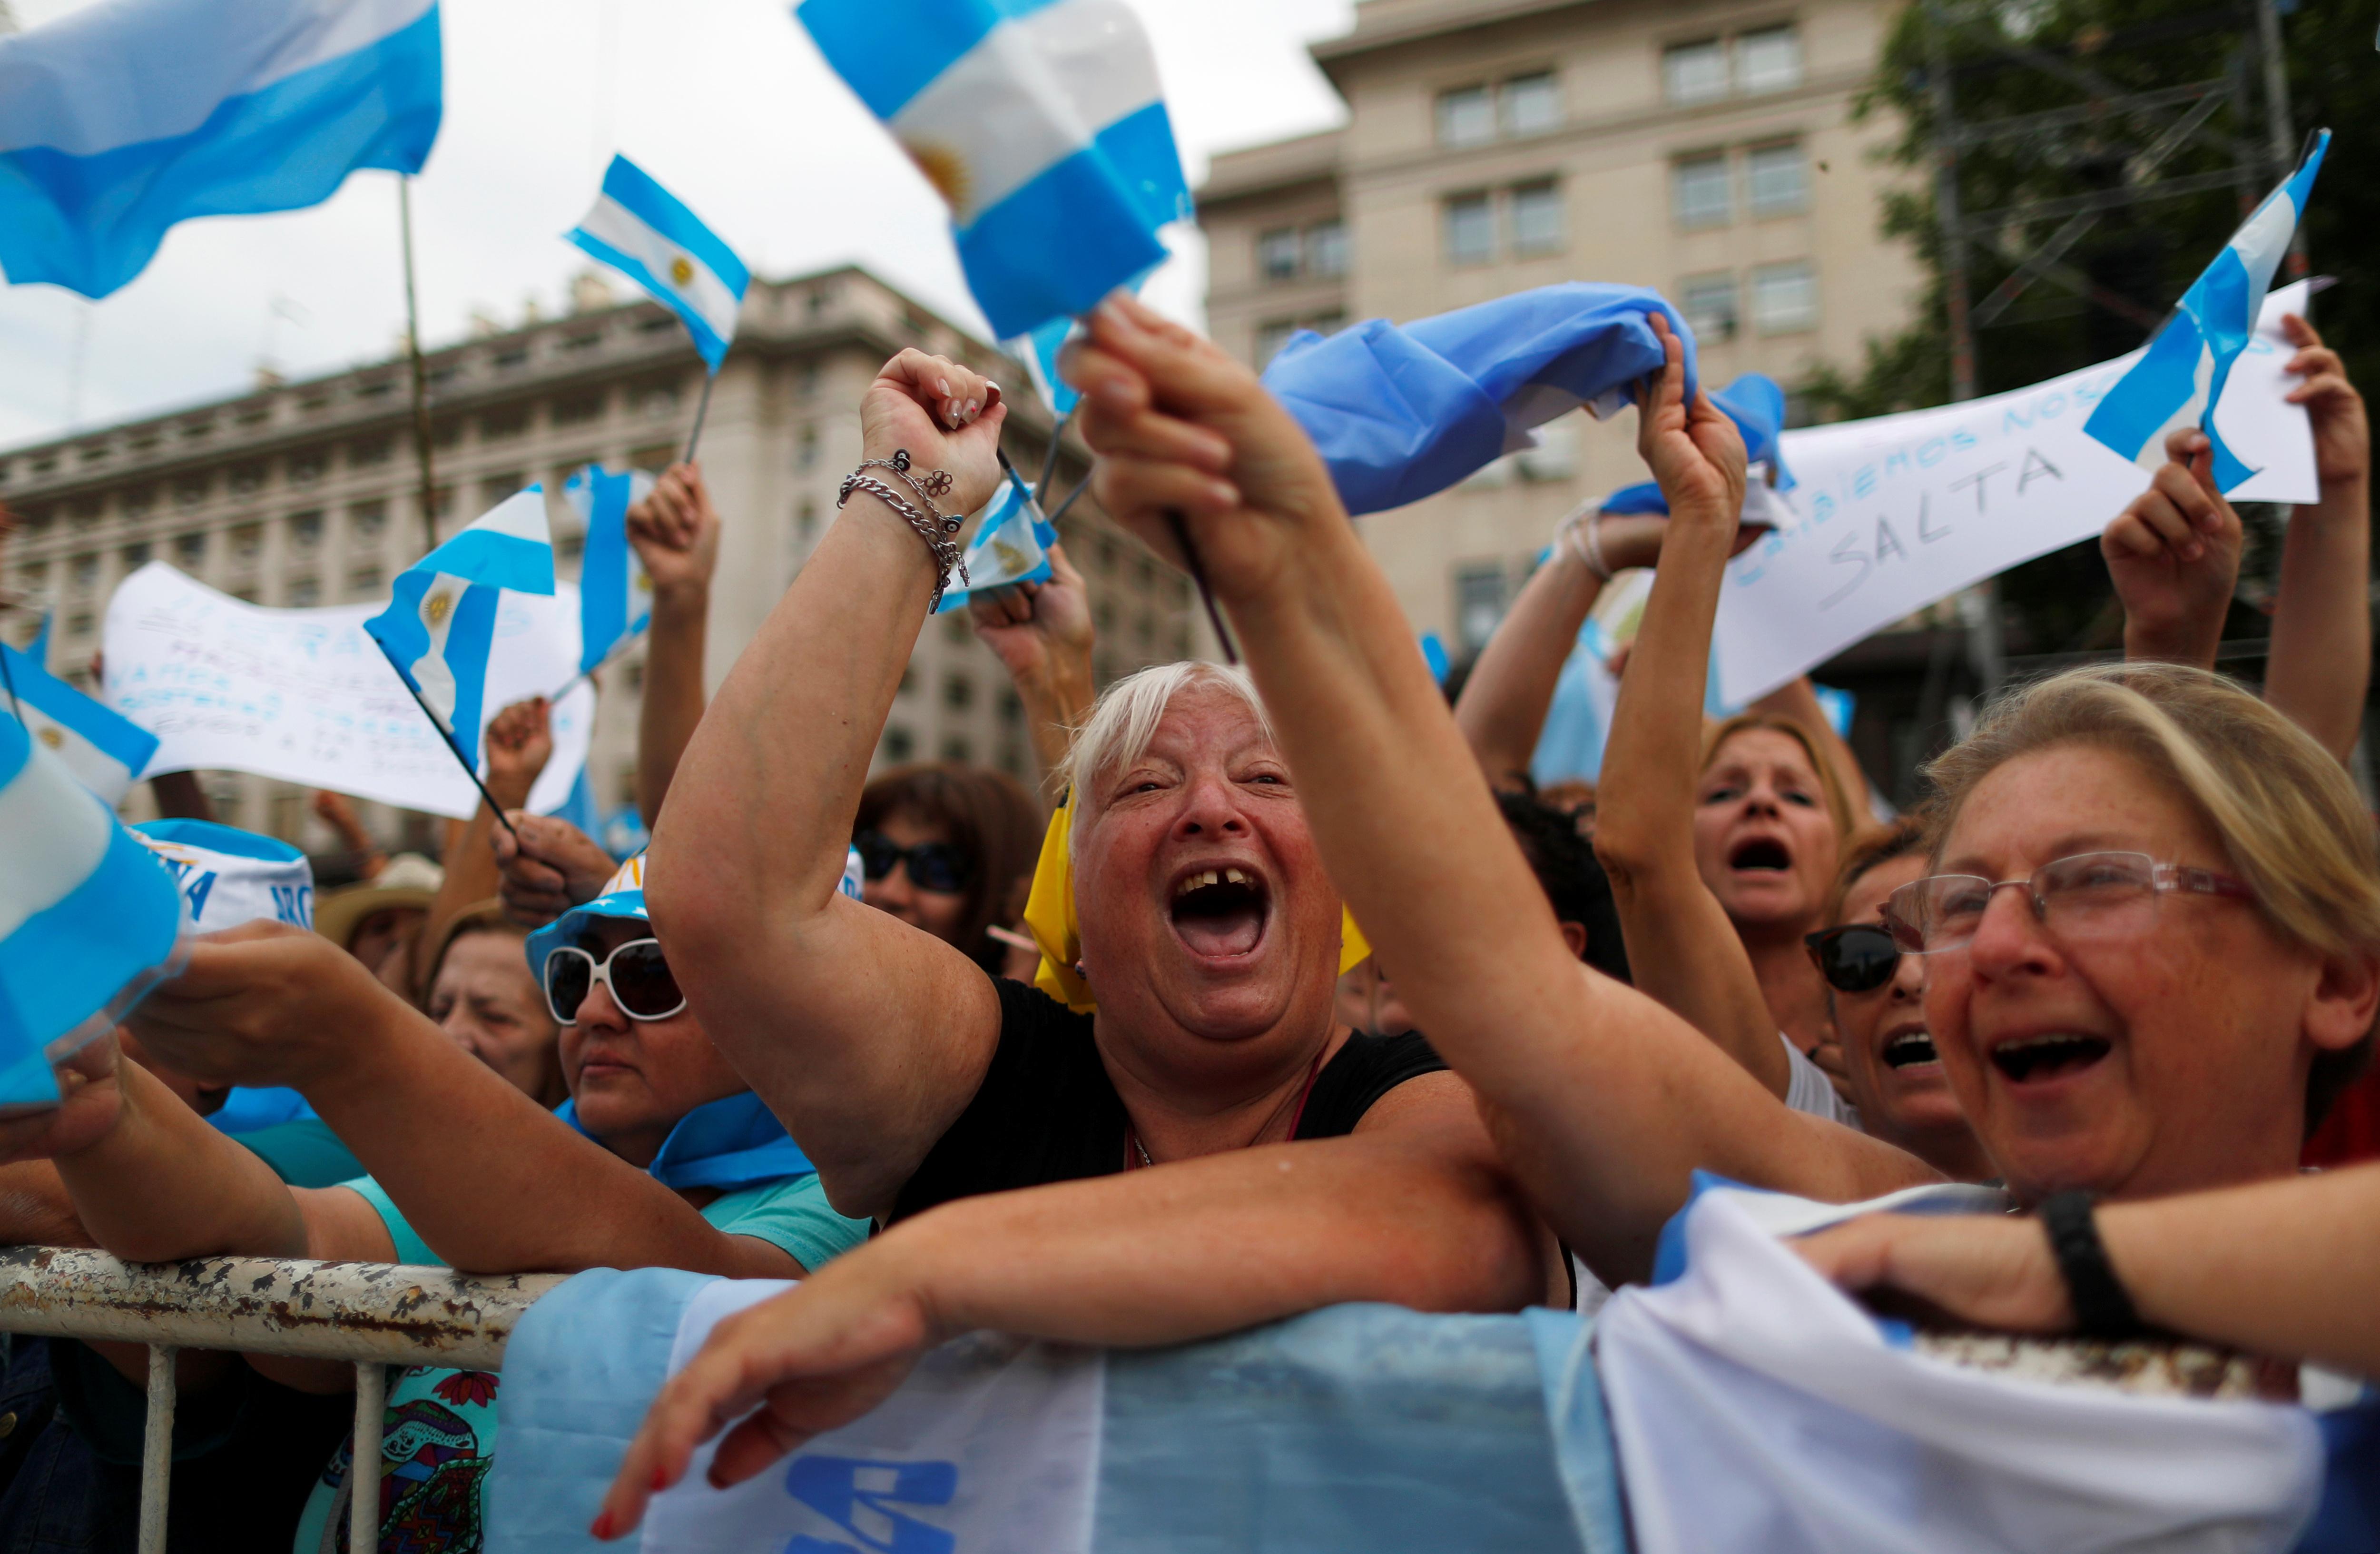 La convocatoria fue realizada el 16 de noviembre por Macri en su cuenta de la red social Twitter